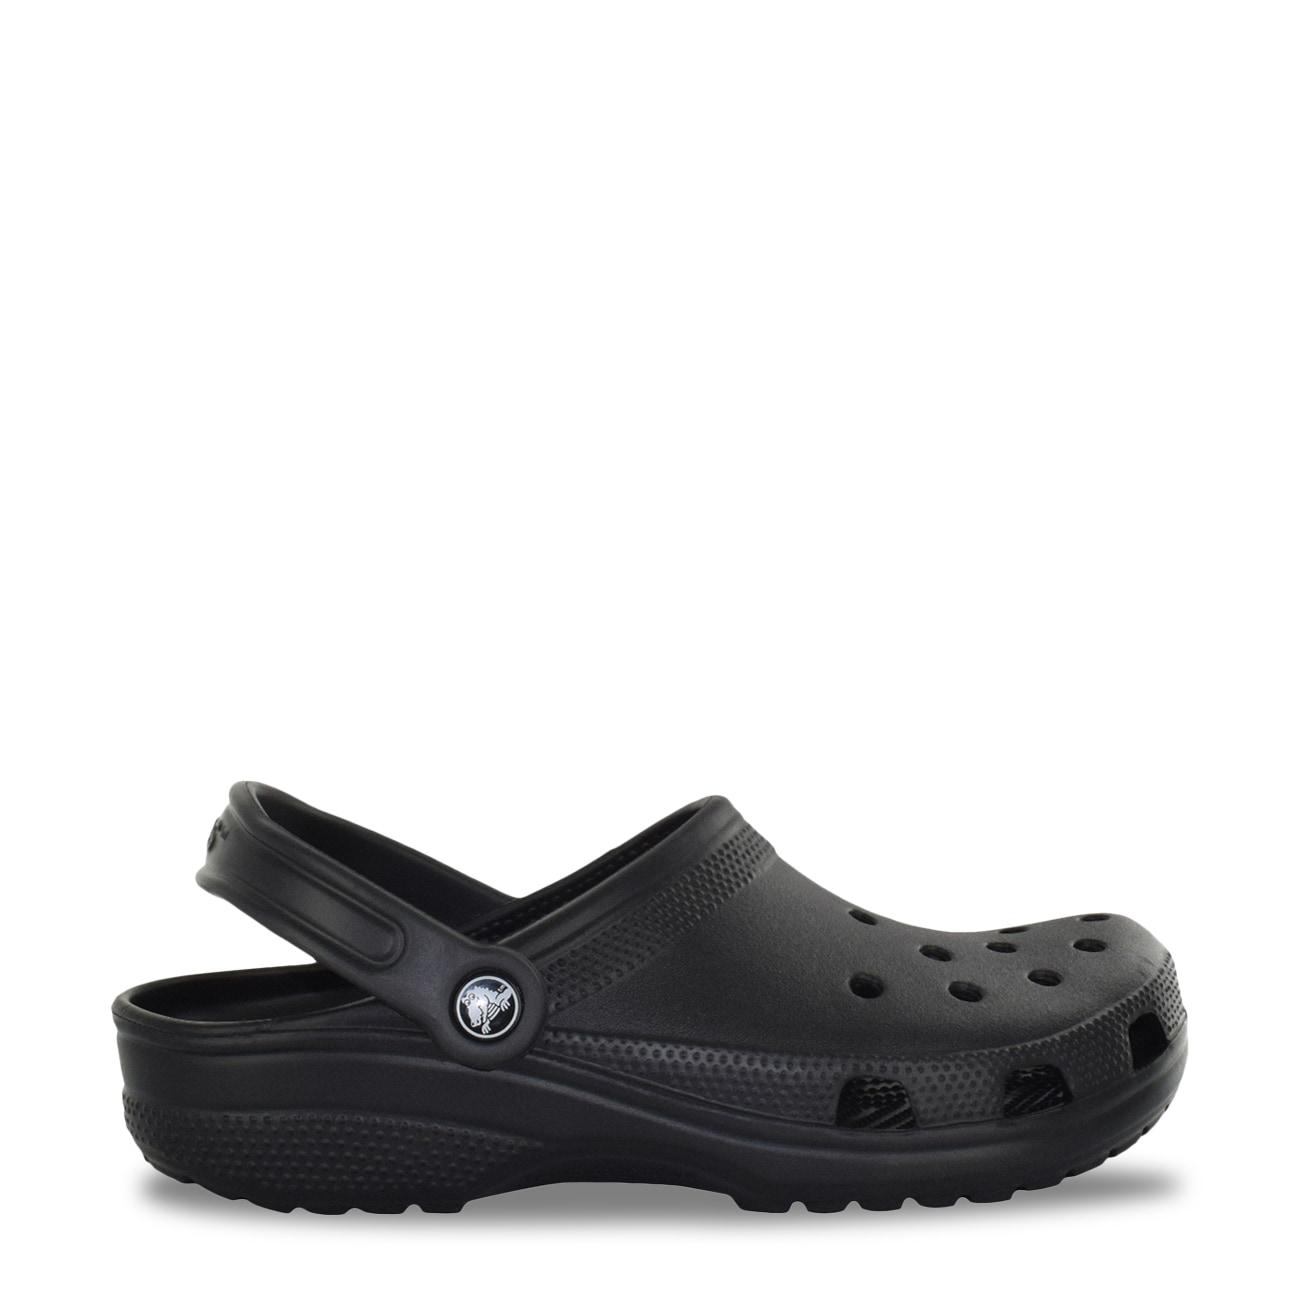 Crocs Unisexs Classic Clogs